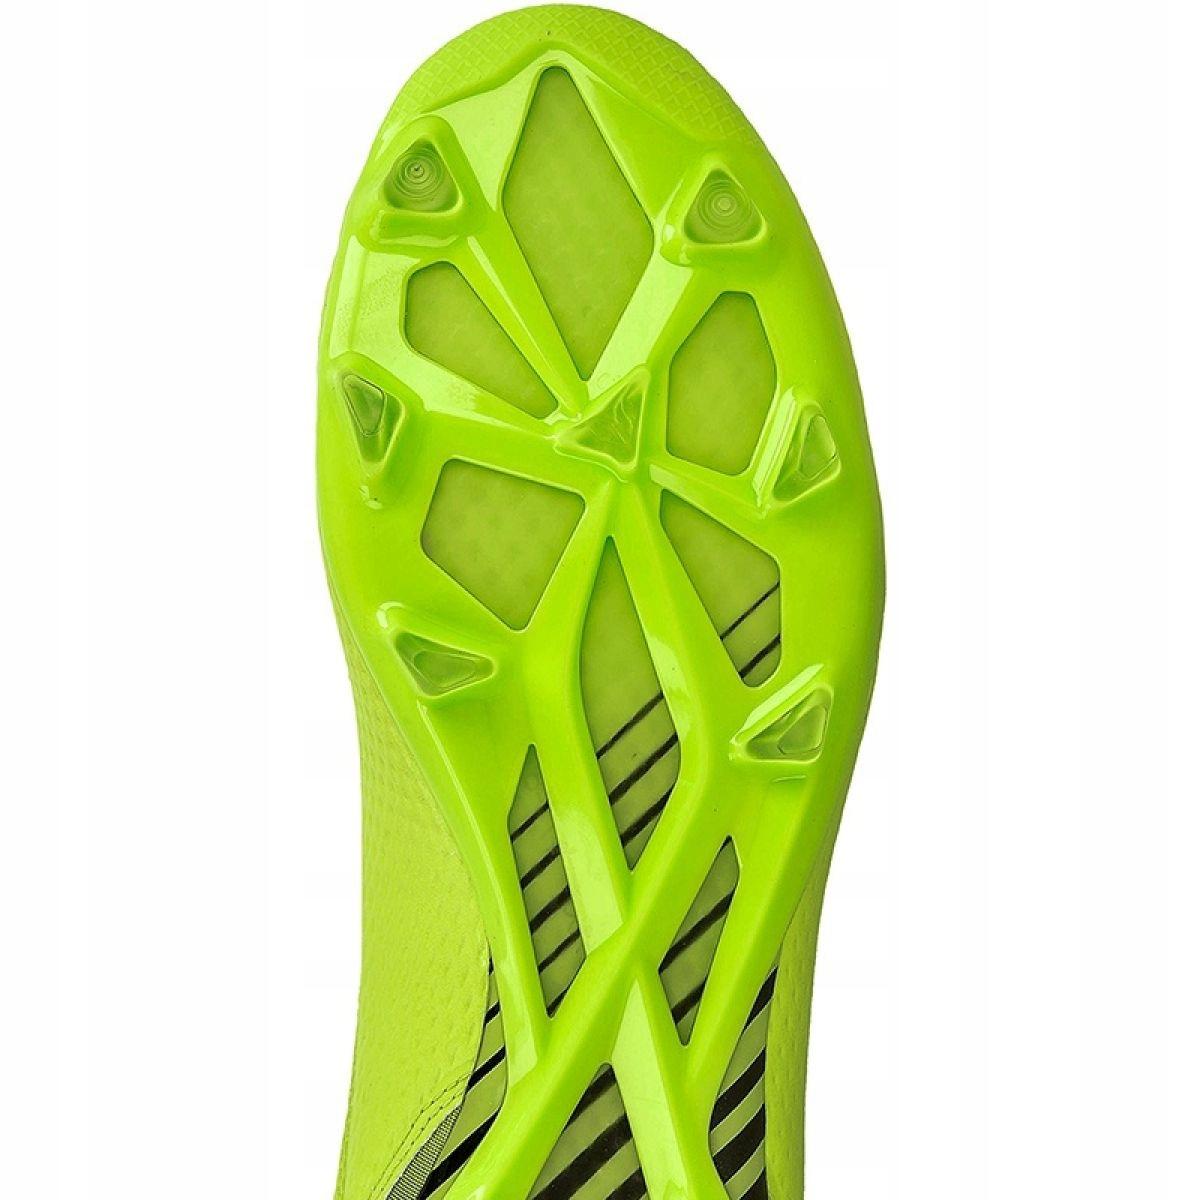 Sapatas Verdes Do Futebol On line | Sapatas Verdes Do